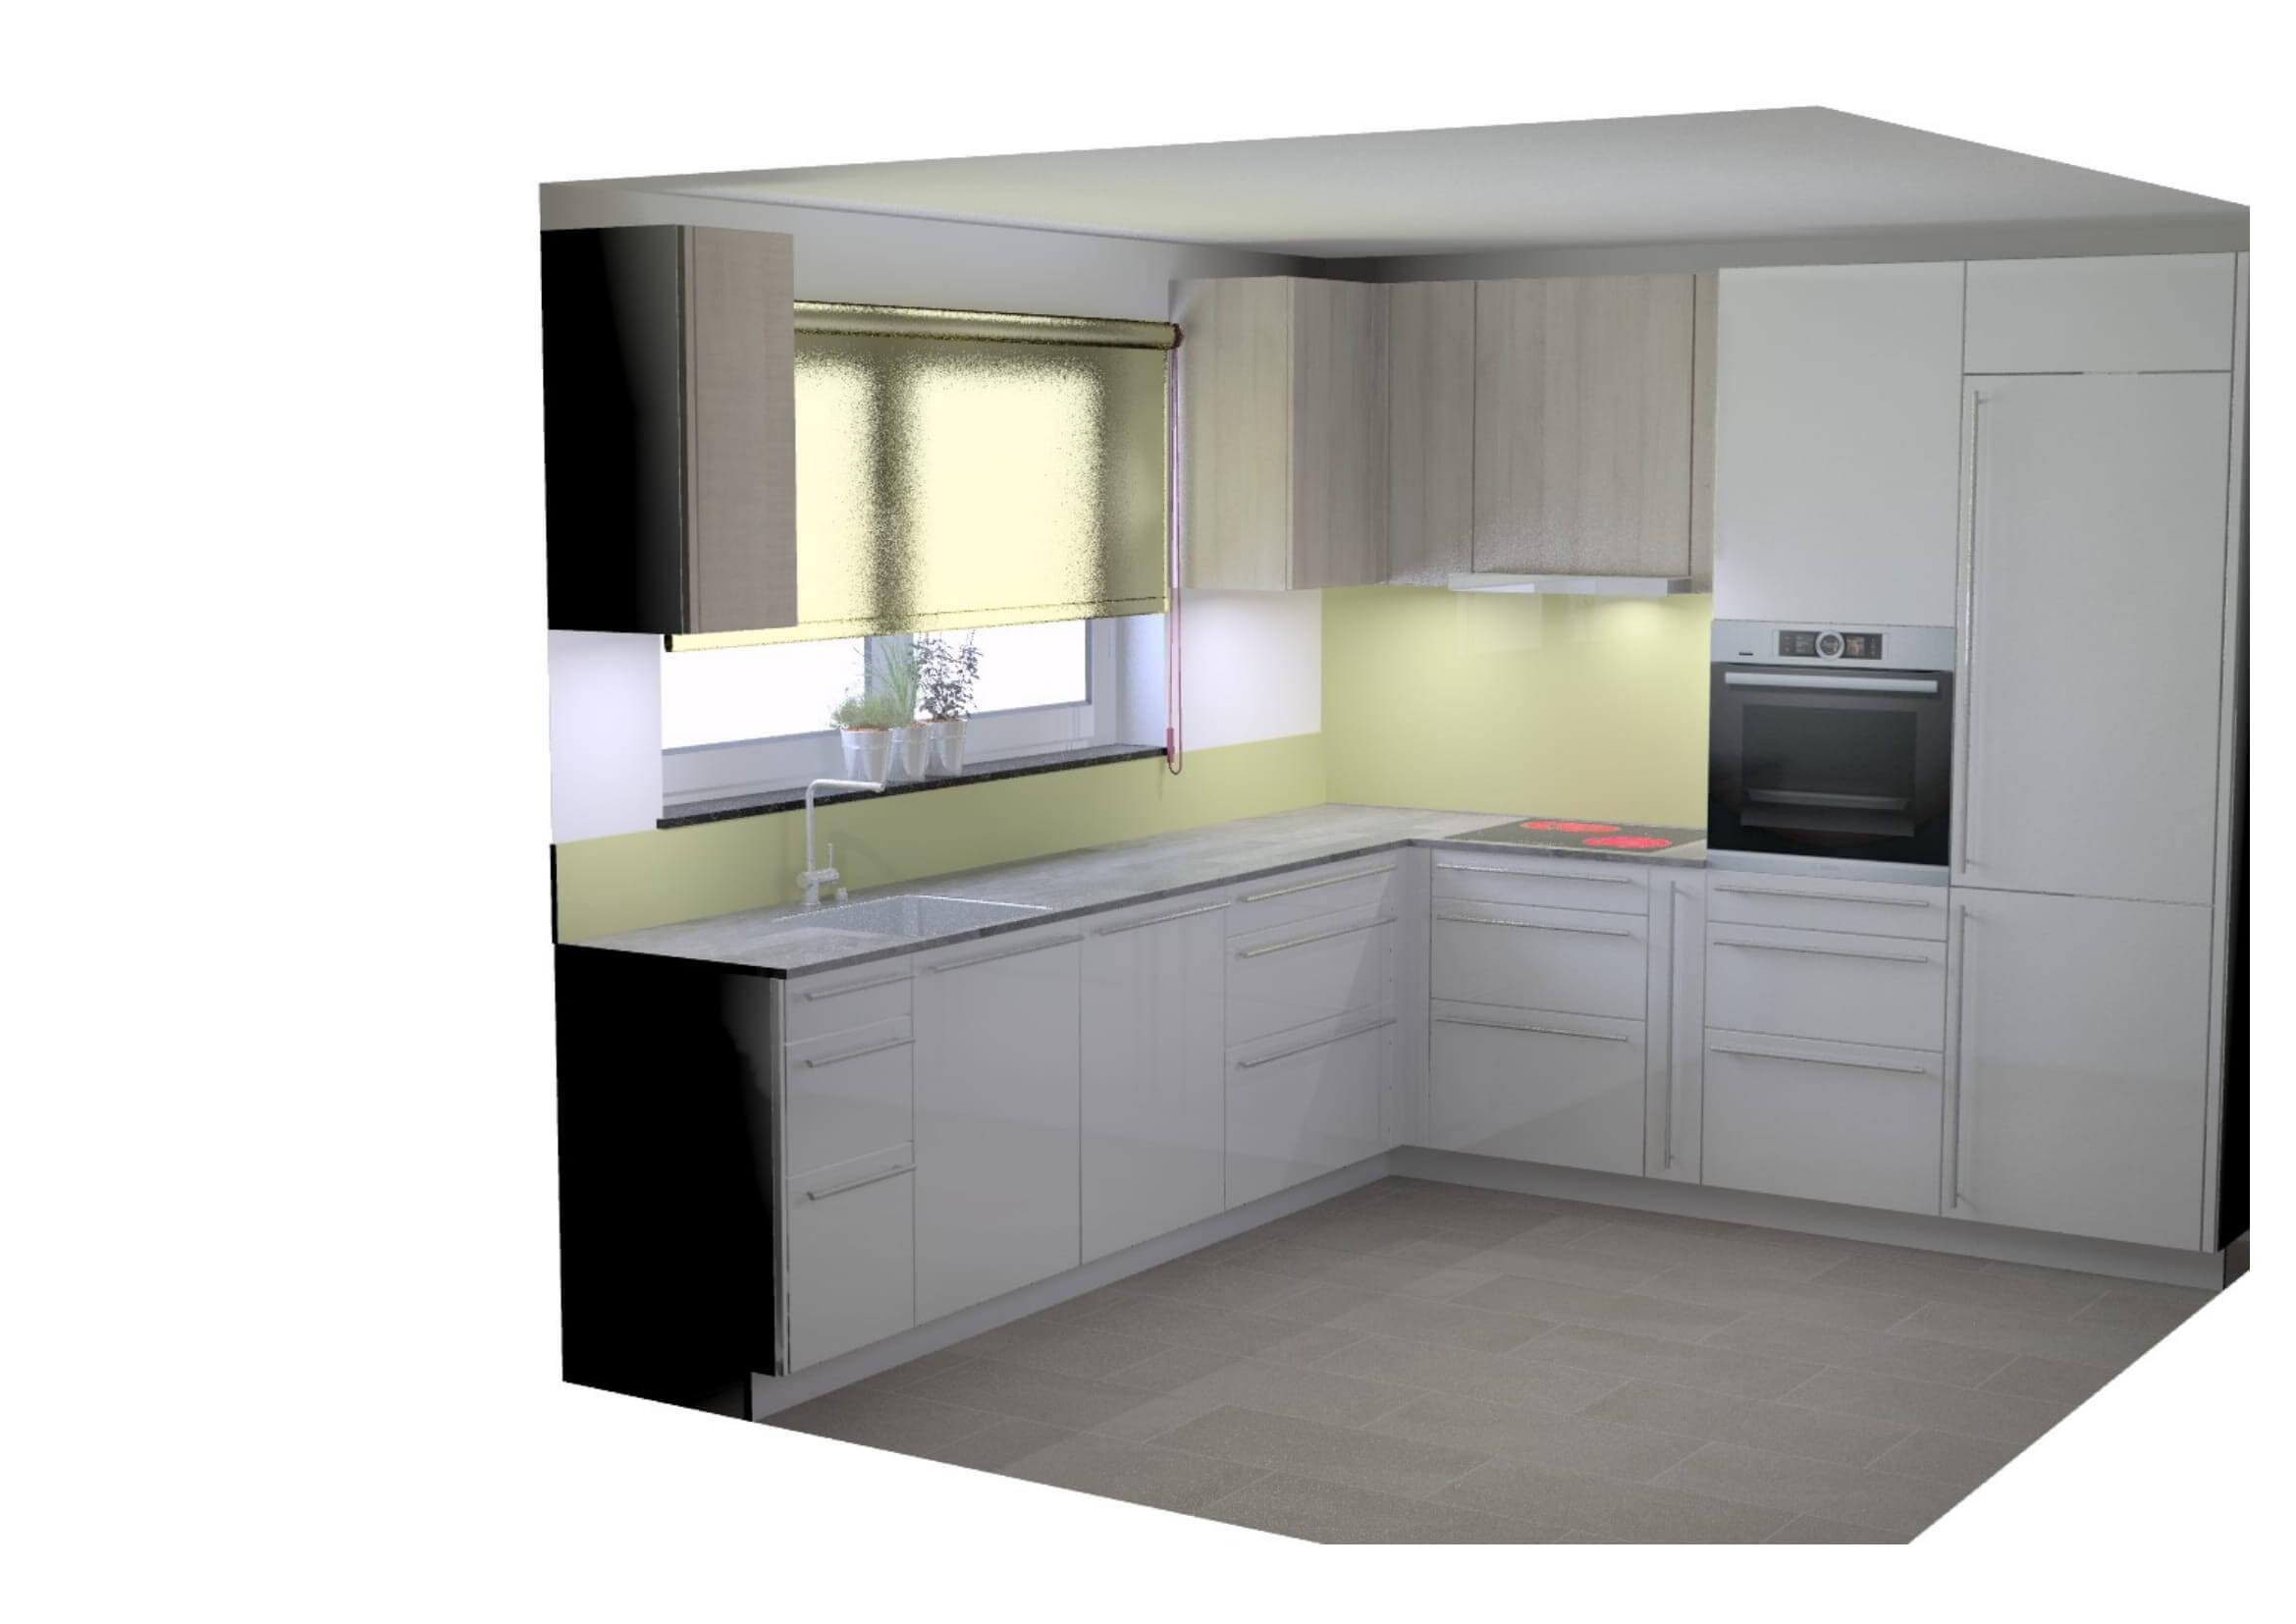 Full Size of Respekta Küche L Form Küche L Form Mit Kochinsel Ikea Küche L Form Küche L Form Hochglanz Küche Küche L Form